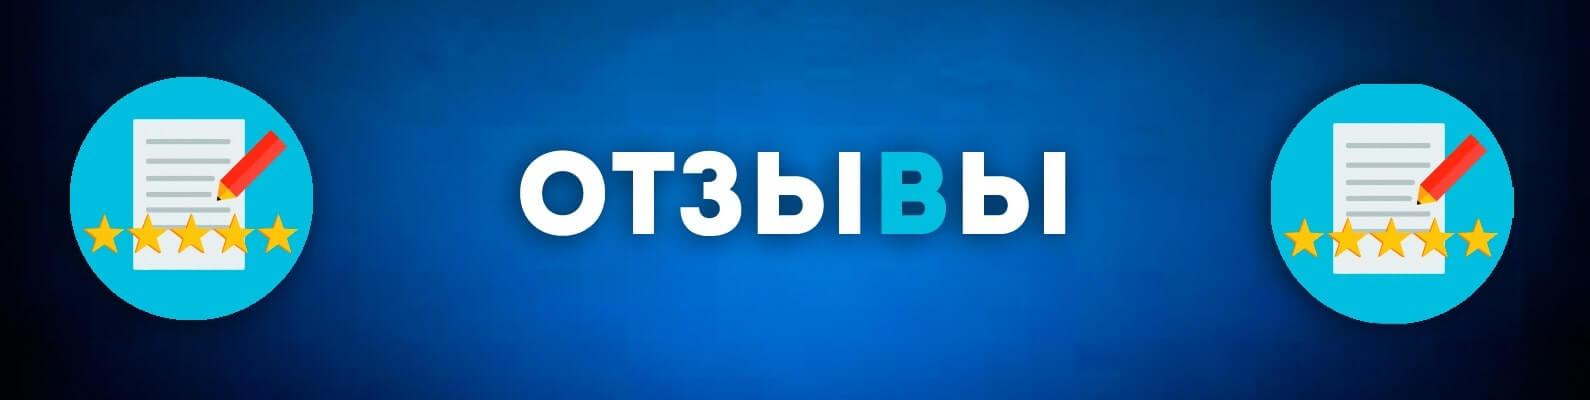 Отзывы об онлайн казино MrBit